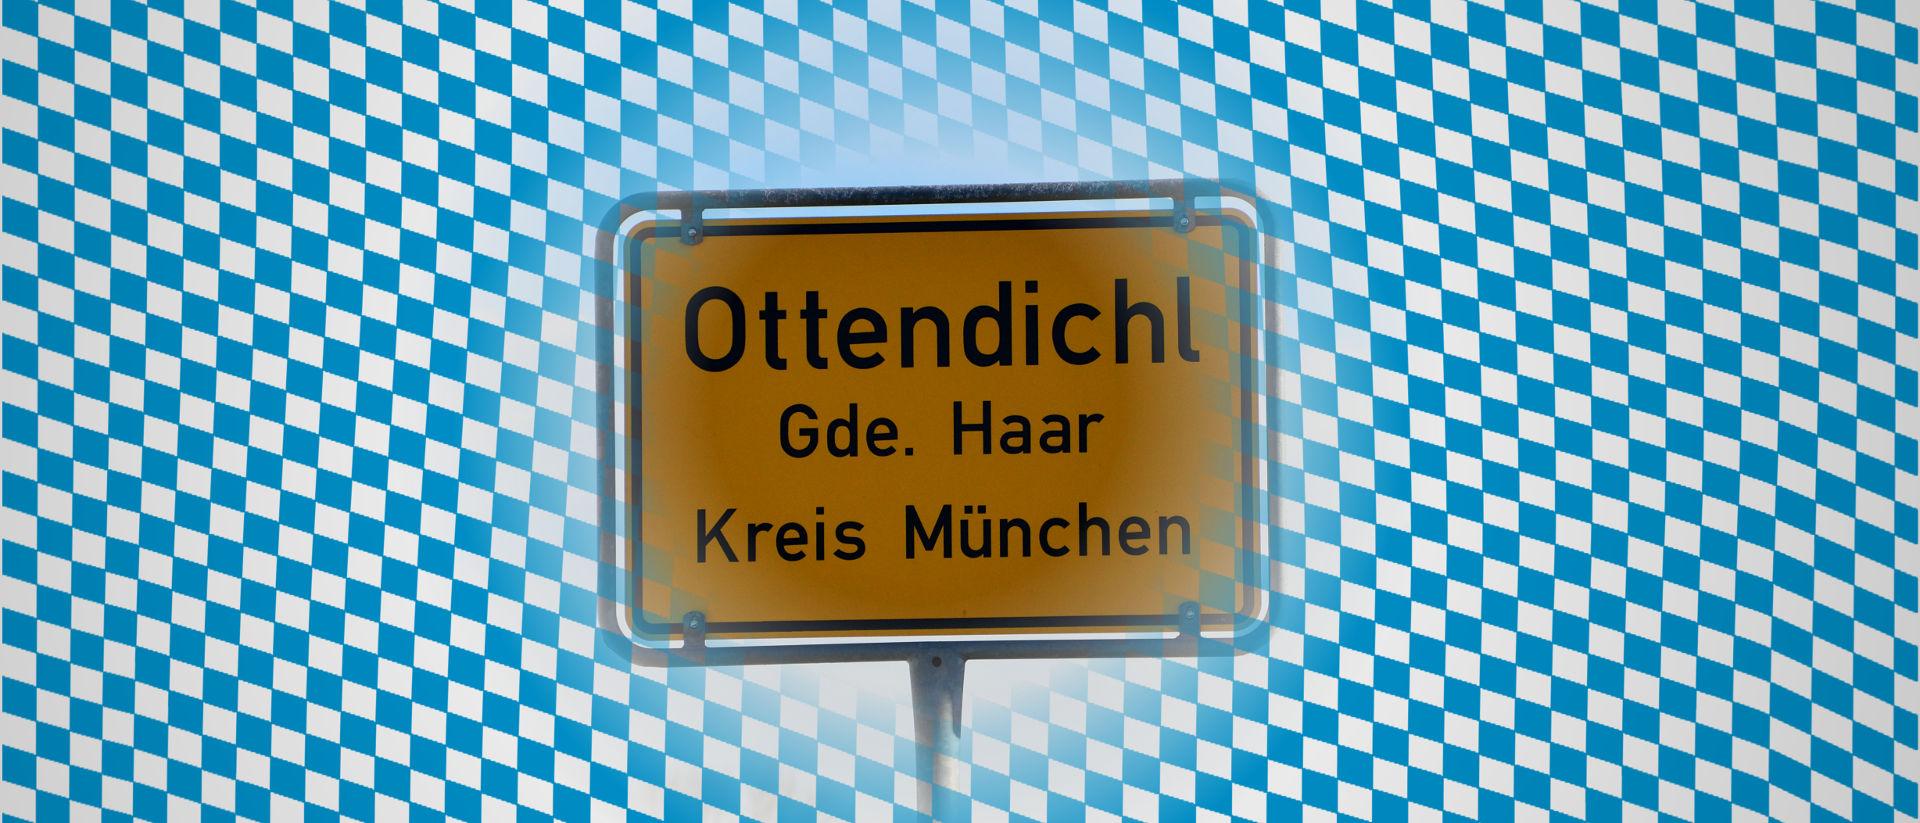 Ortsschild der Bürgervereinigung Ottendichl e.V. (BVO) vor bayerischen Rautenmuster